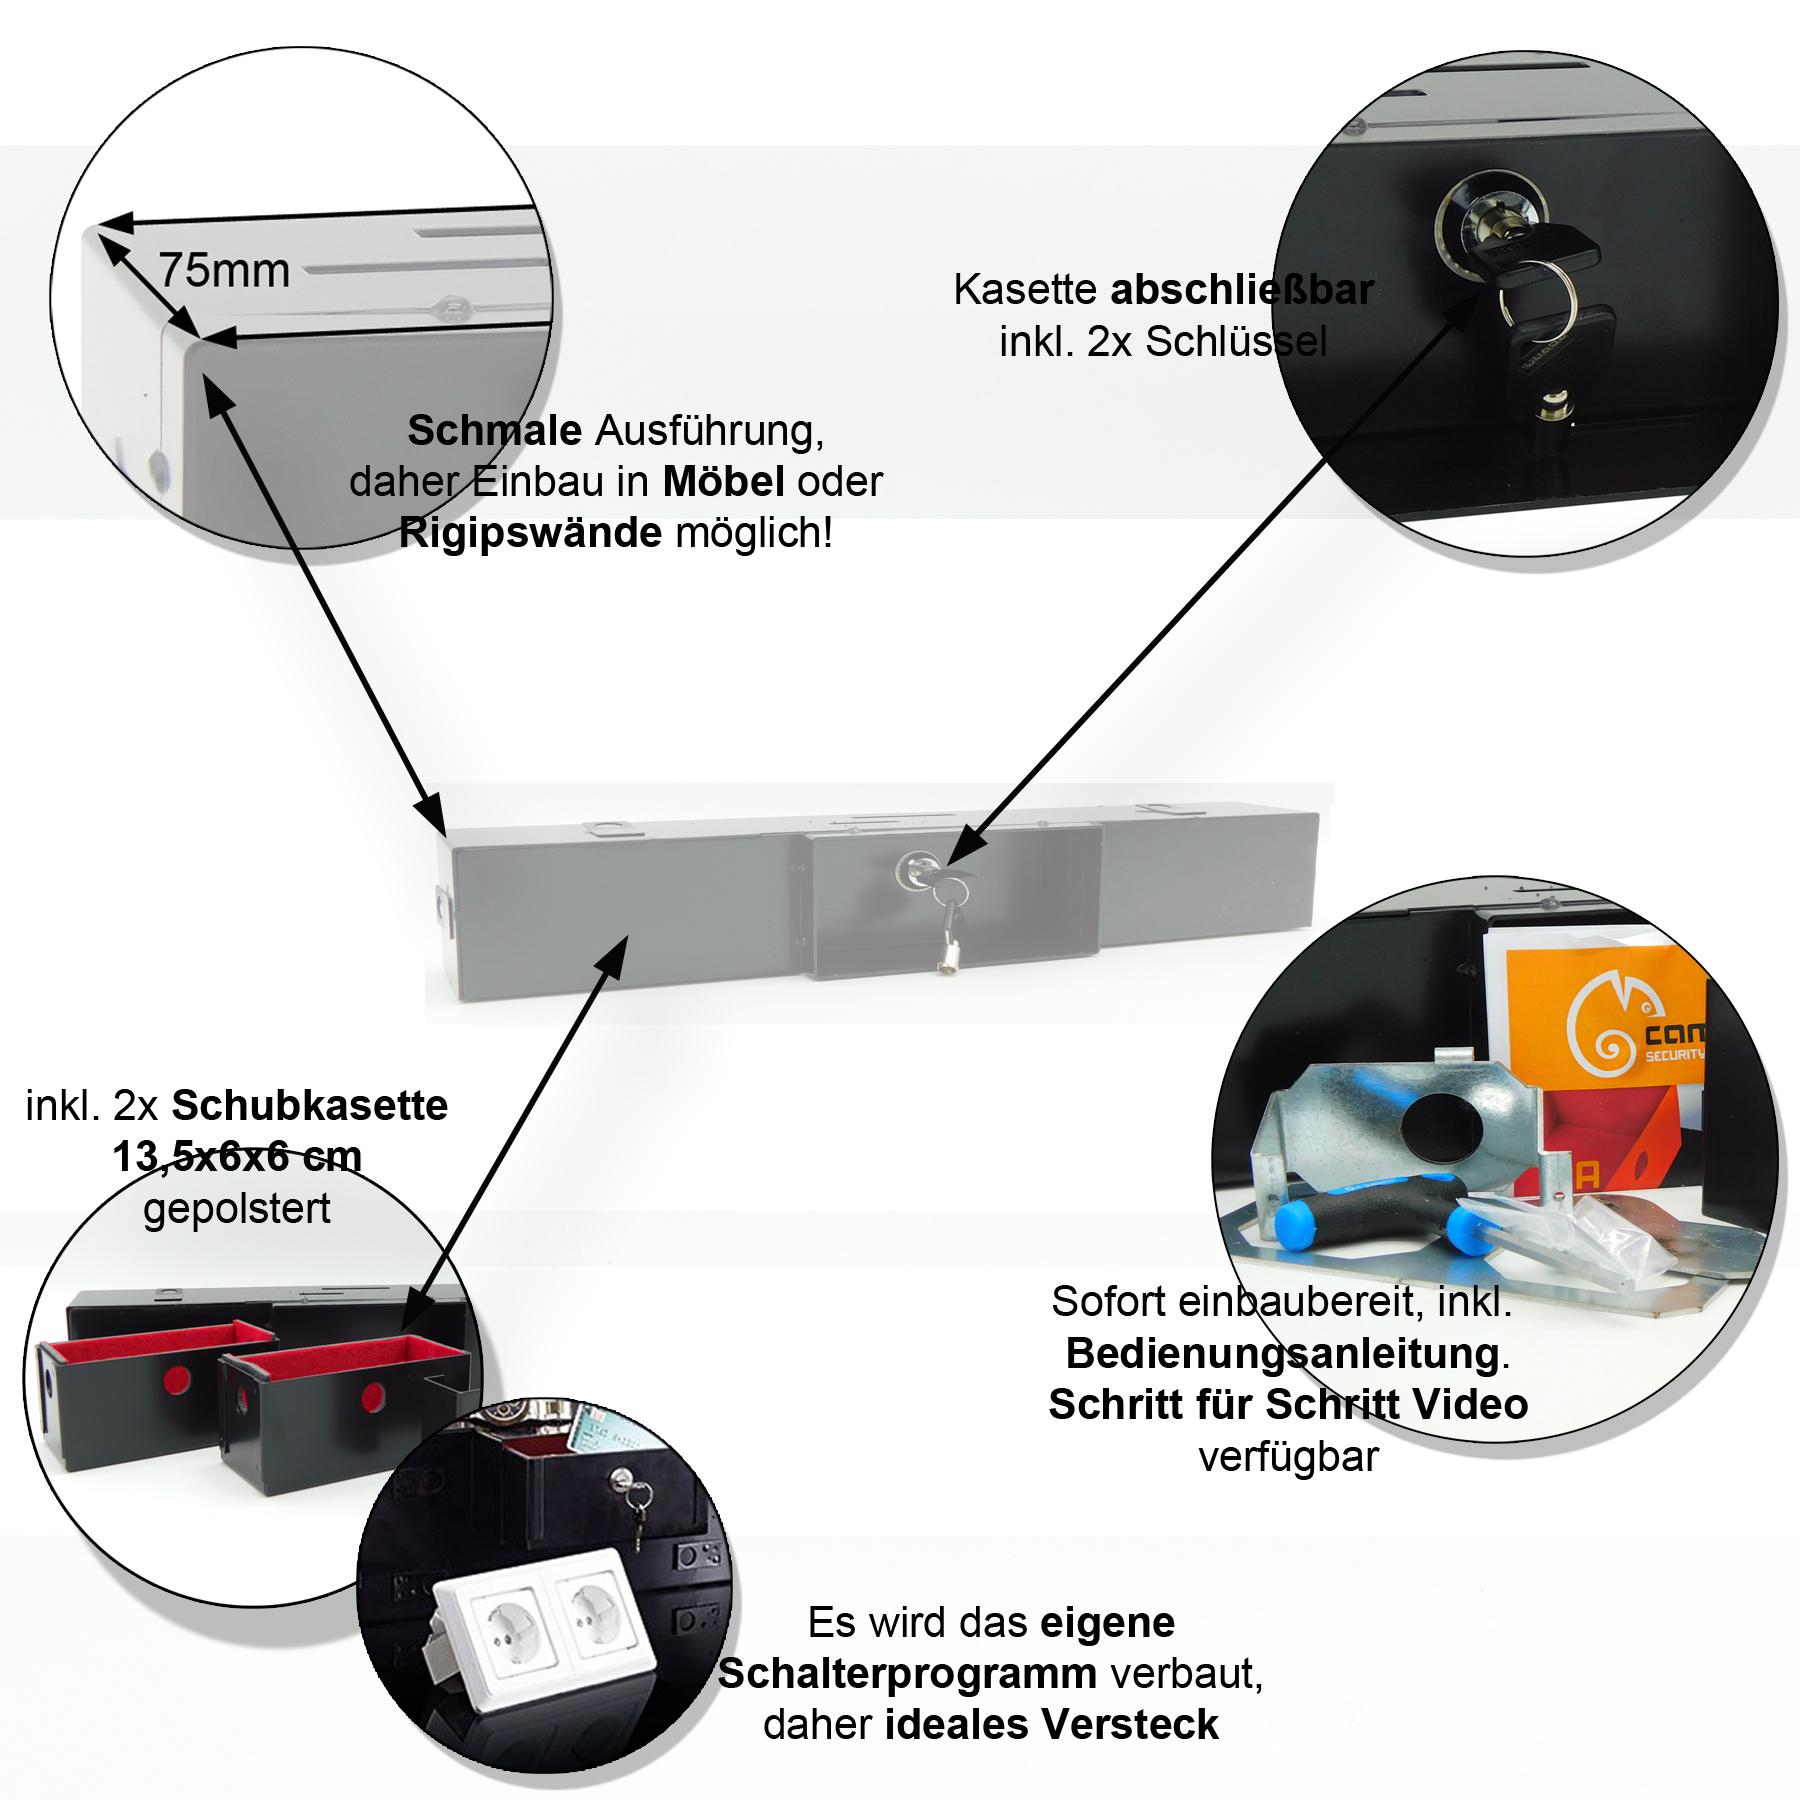 Steckdosensafe der Mini Tresor für Wertsachen | Geheimversteck Geheimfach Möbel | Geld clever